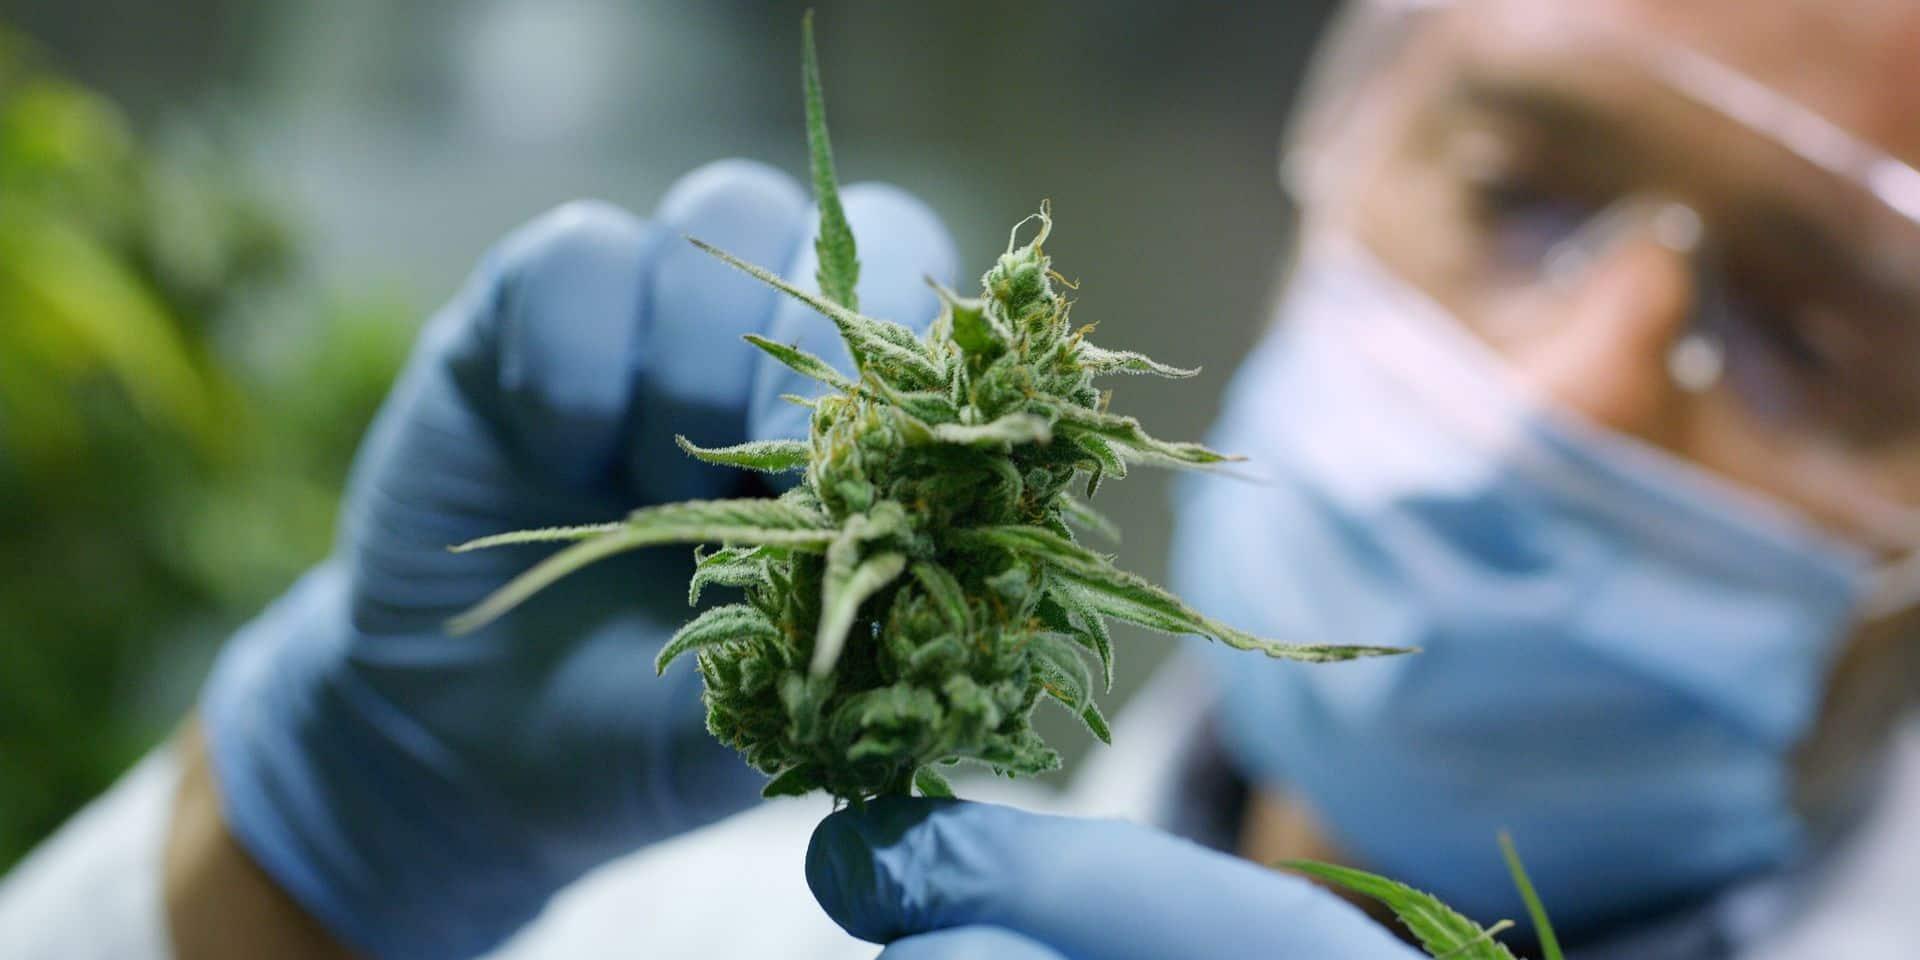 Un automobiliste arrêté avec 4kg de cannabis dans sa voiture